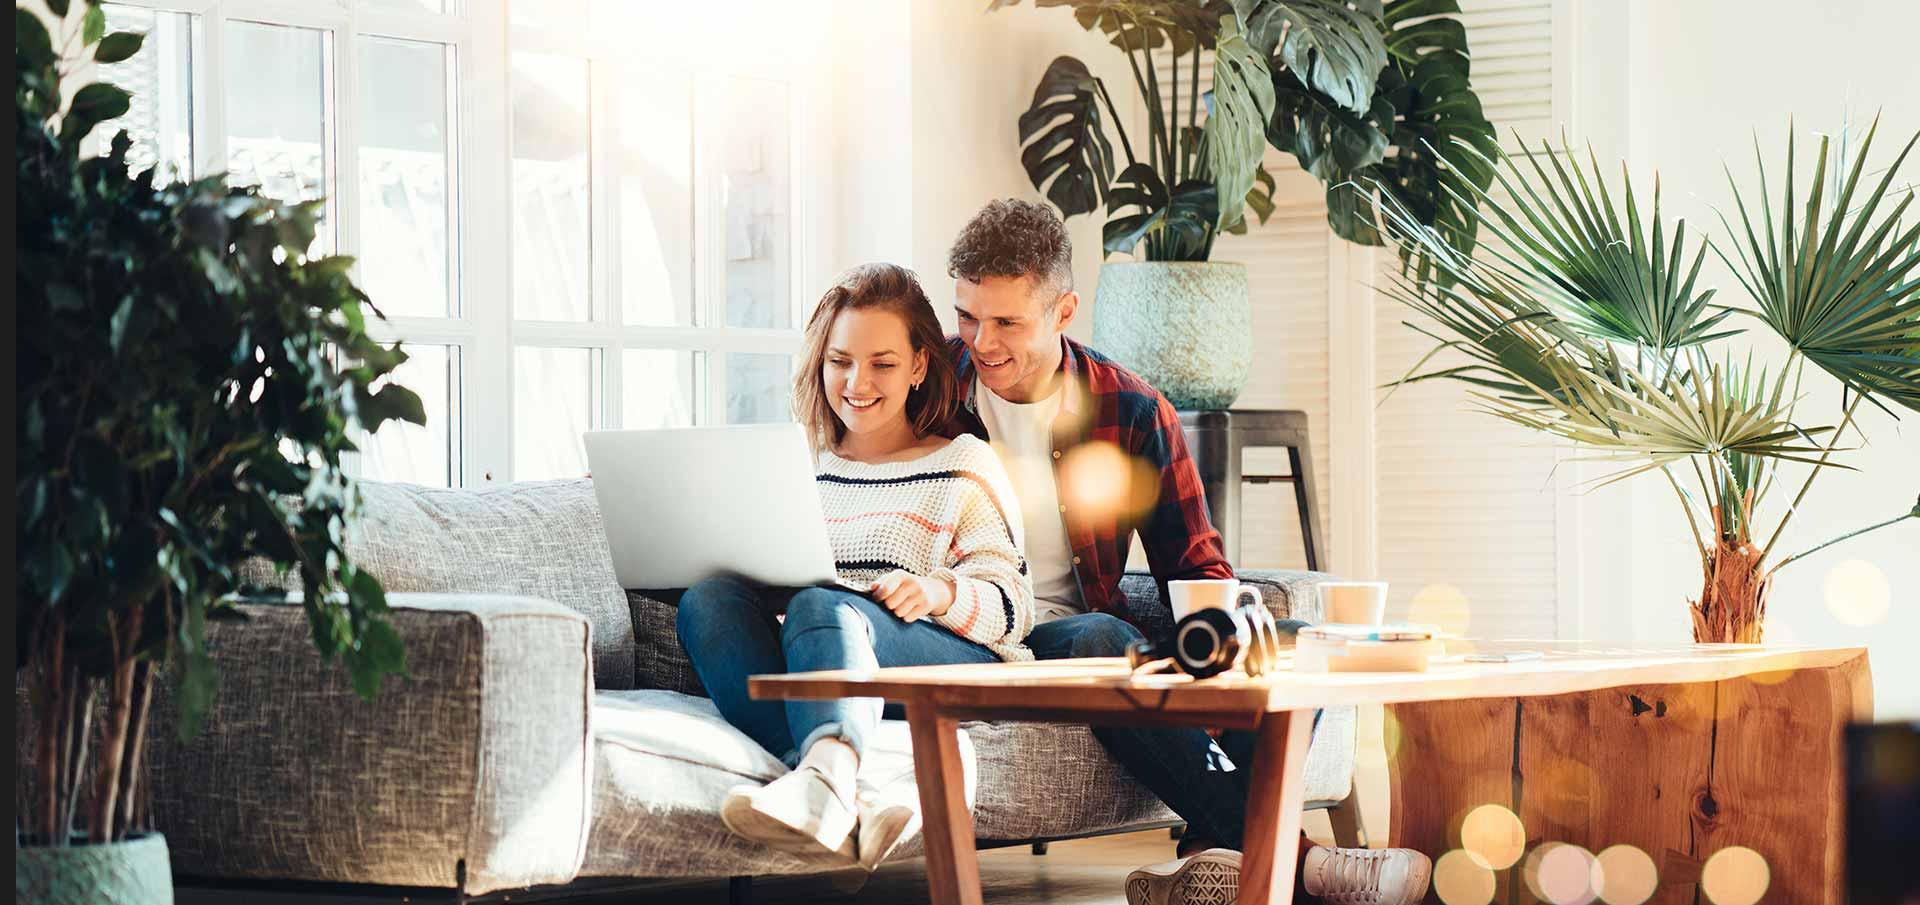 Webseiten mit modernem Konzept machen User glücklich